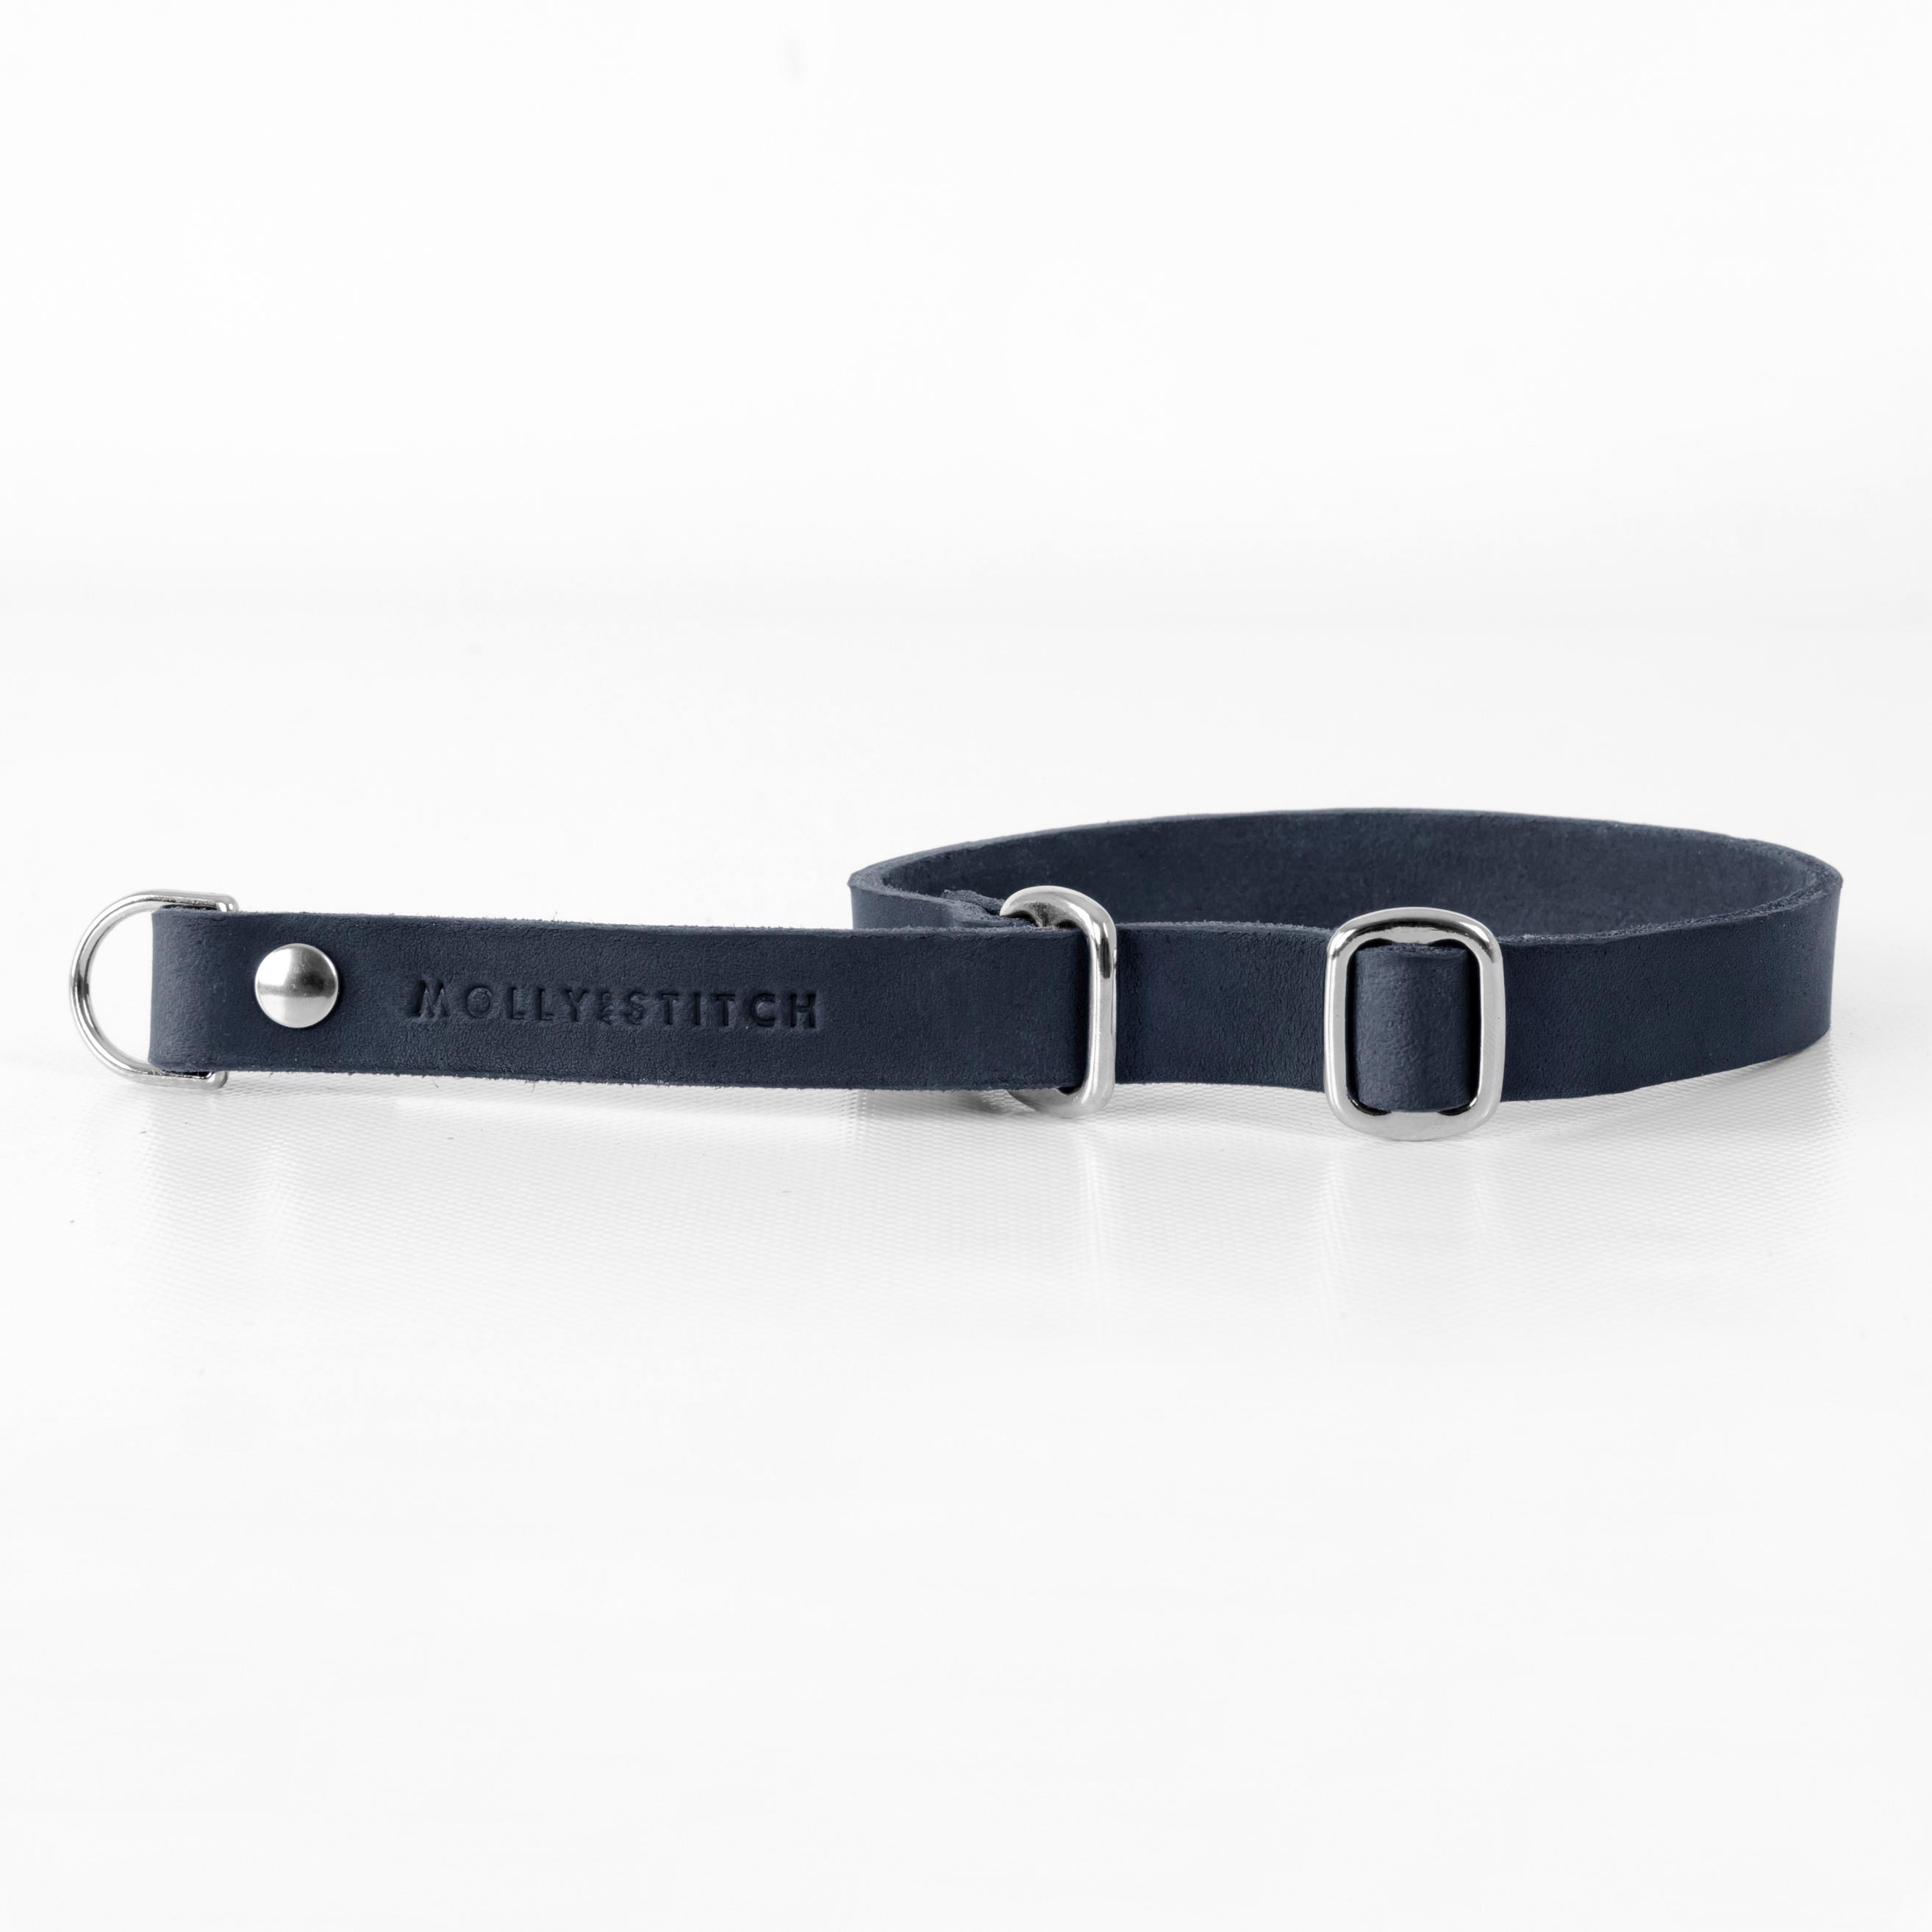 Hundehalsband Retriever silber navy blue